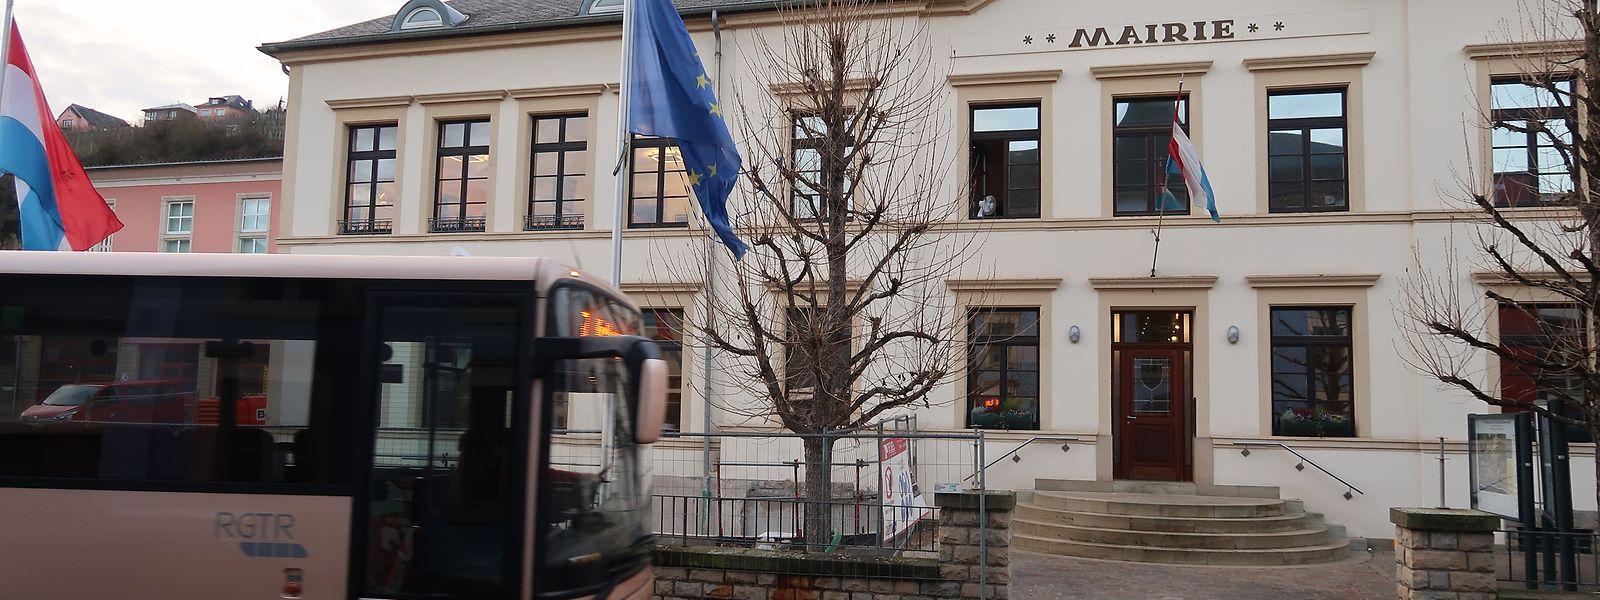 Bushaltestelle am Rathaus Wormeldingen: Abseits der Hauptachsen müssen Nutzer Umwege in Kauf nehmen